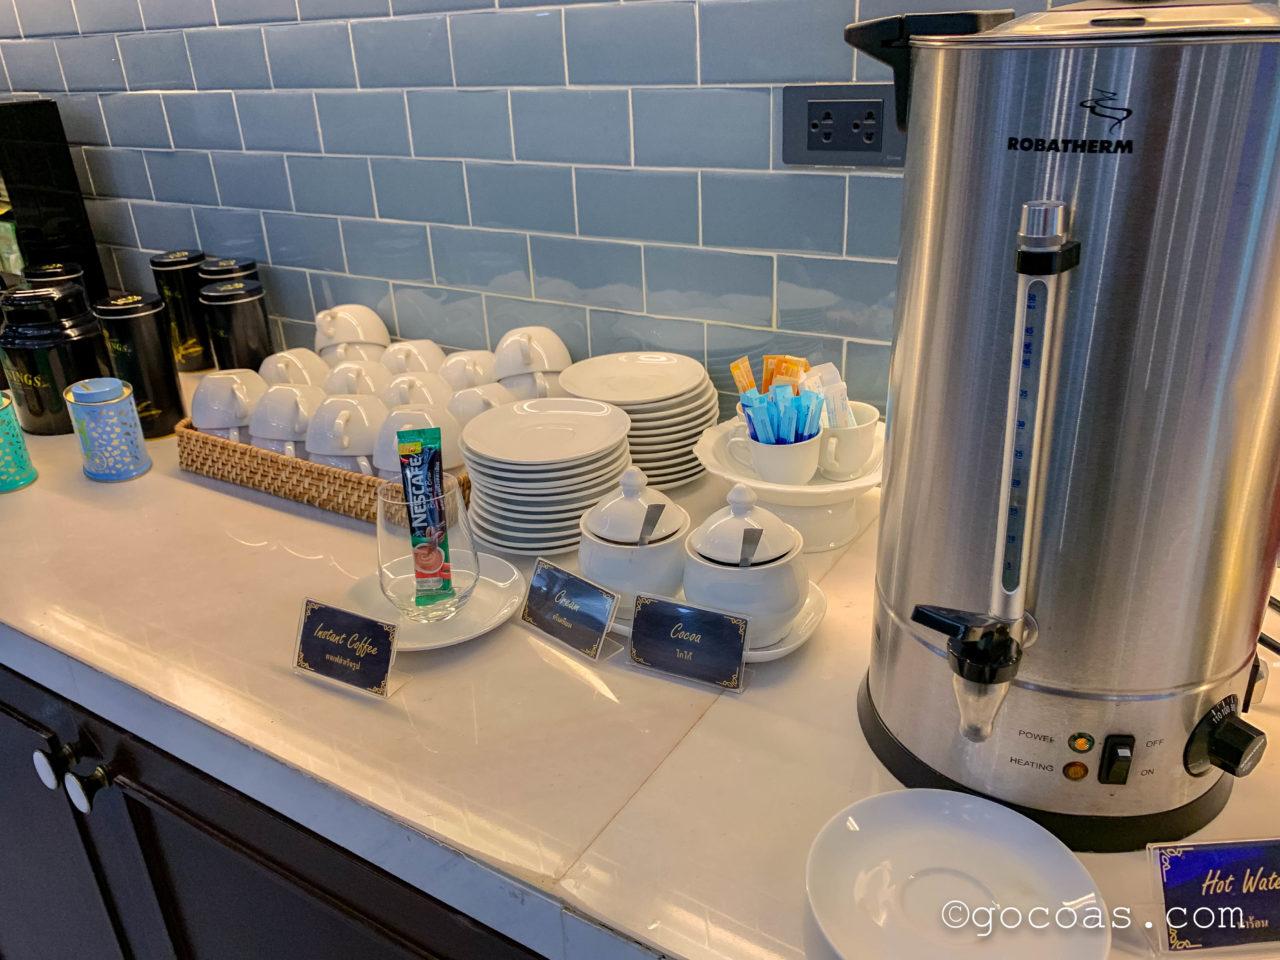 ドンムアン空港のTHE CORAL EXECUTIVE LOUNGEのビュッフェコーナーのコーヒー